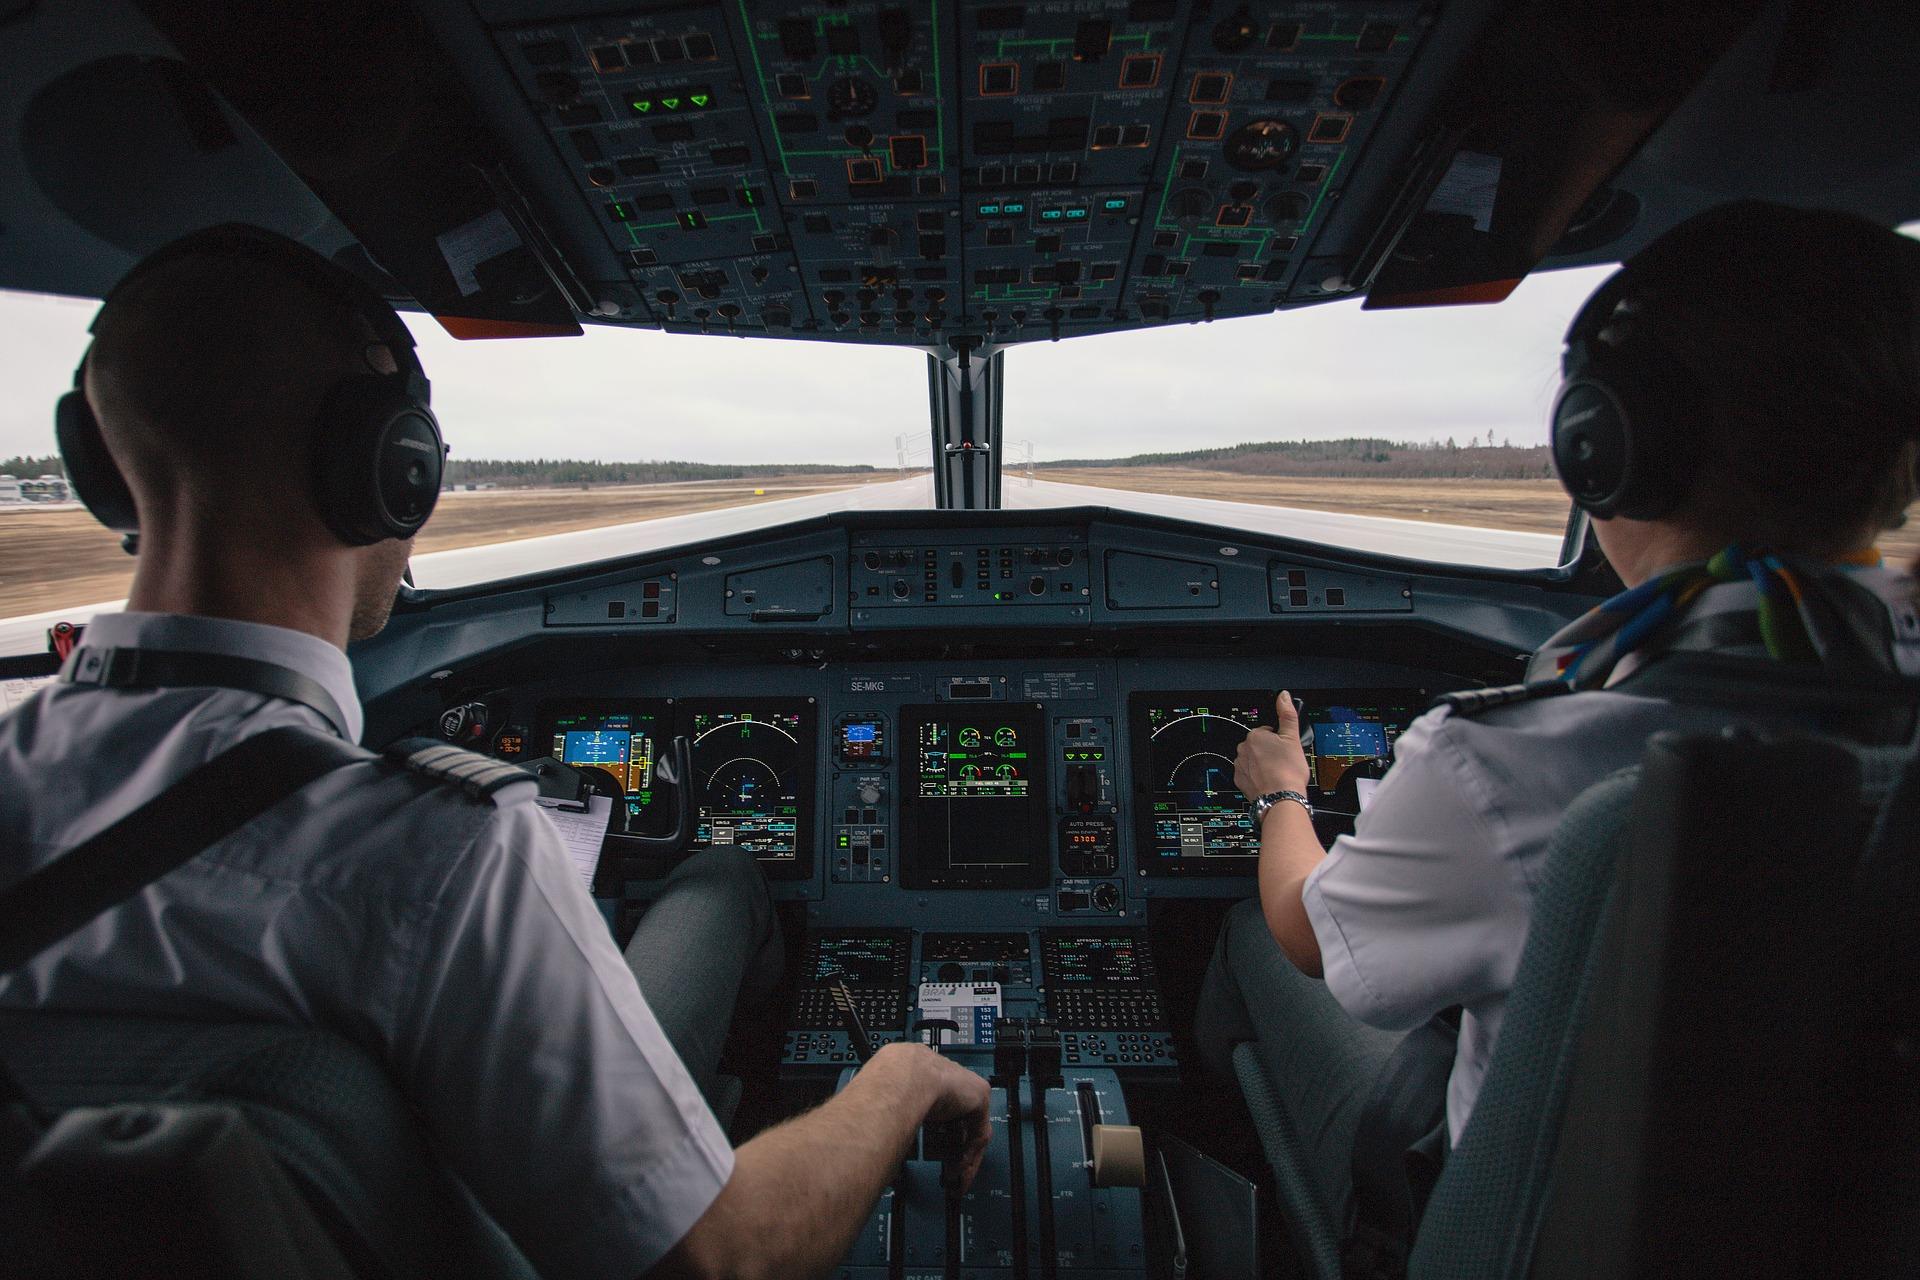 Deutschland: Germanwings-Streik bringt 180 Flugausfälle